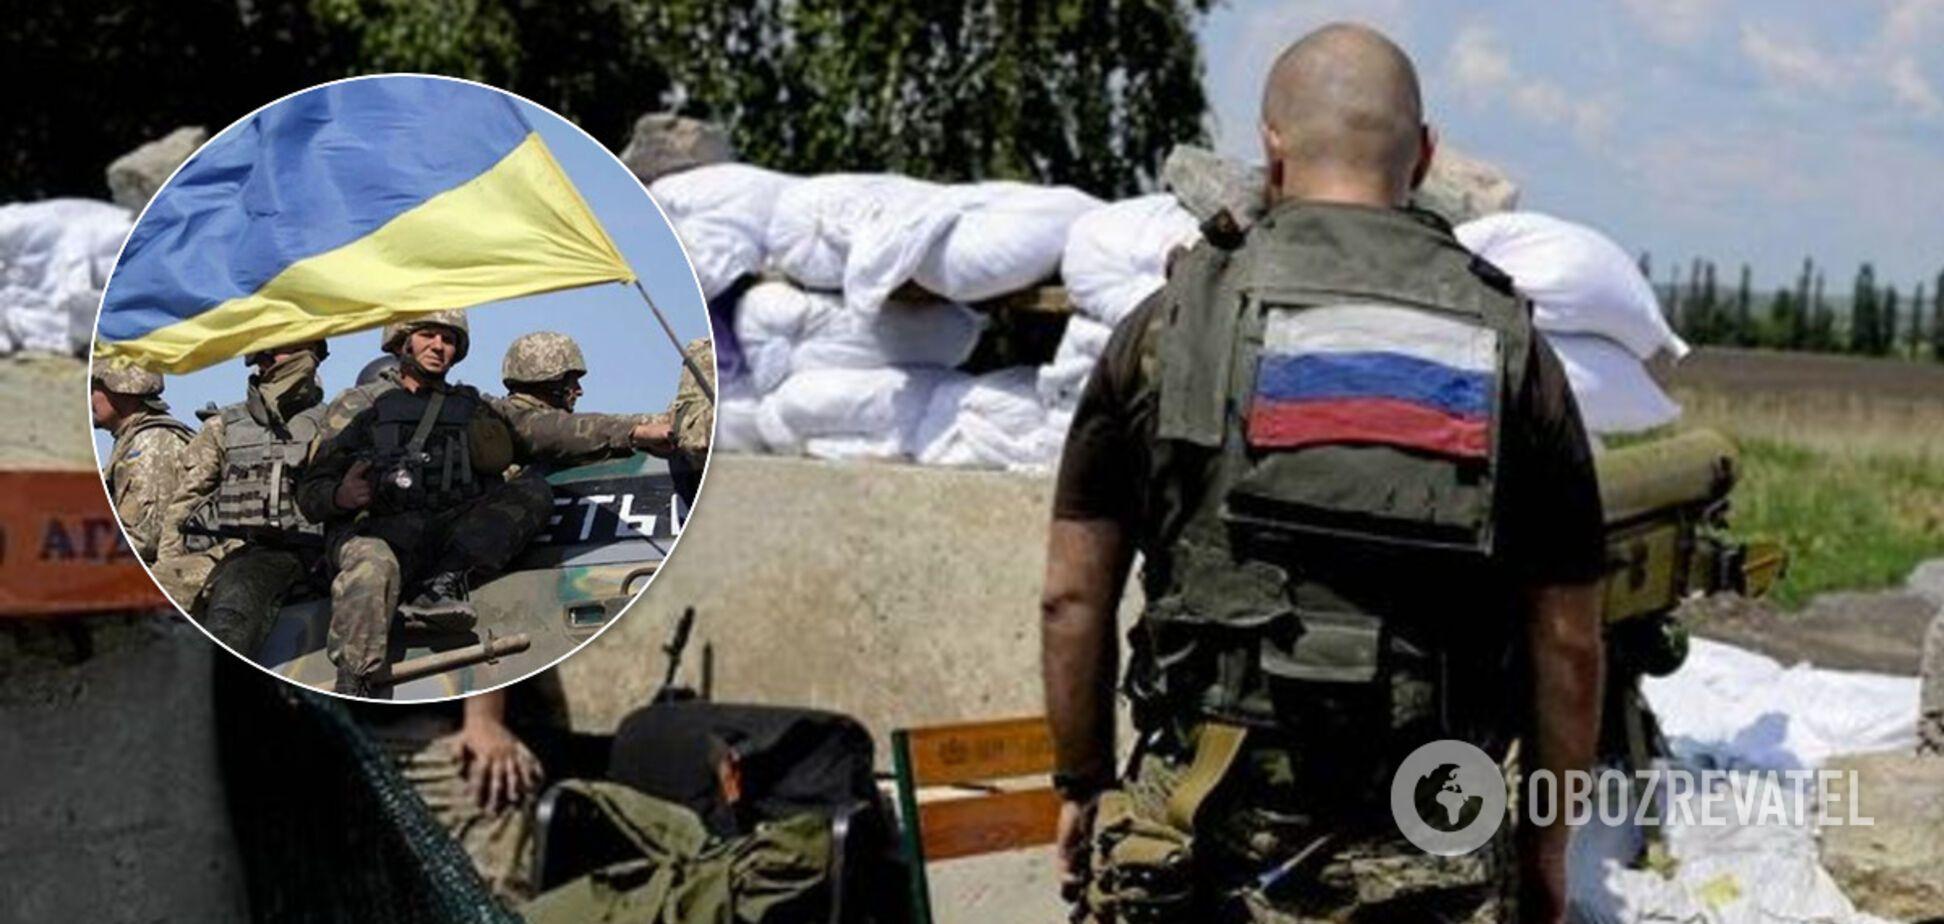 На Донбассе разгорелись серьезные бои: пятеро воинов ВСУ ранены